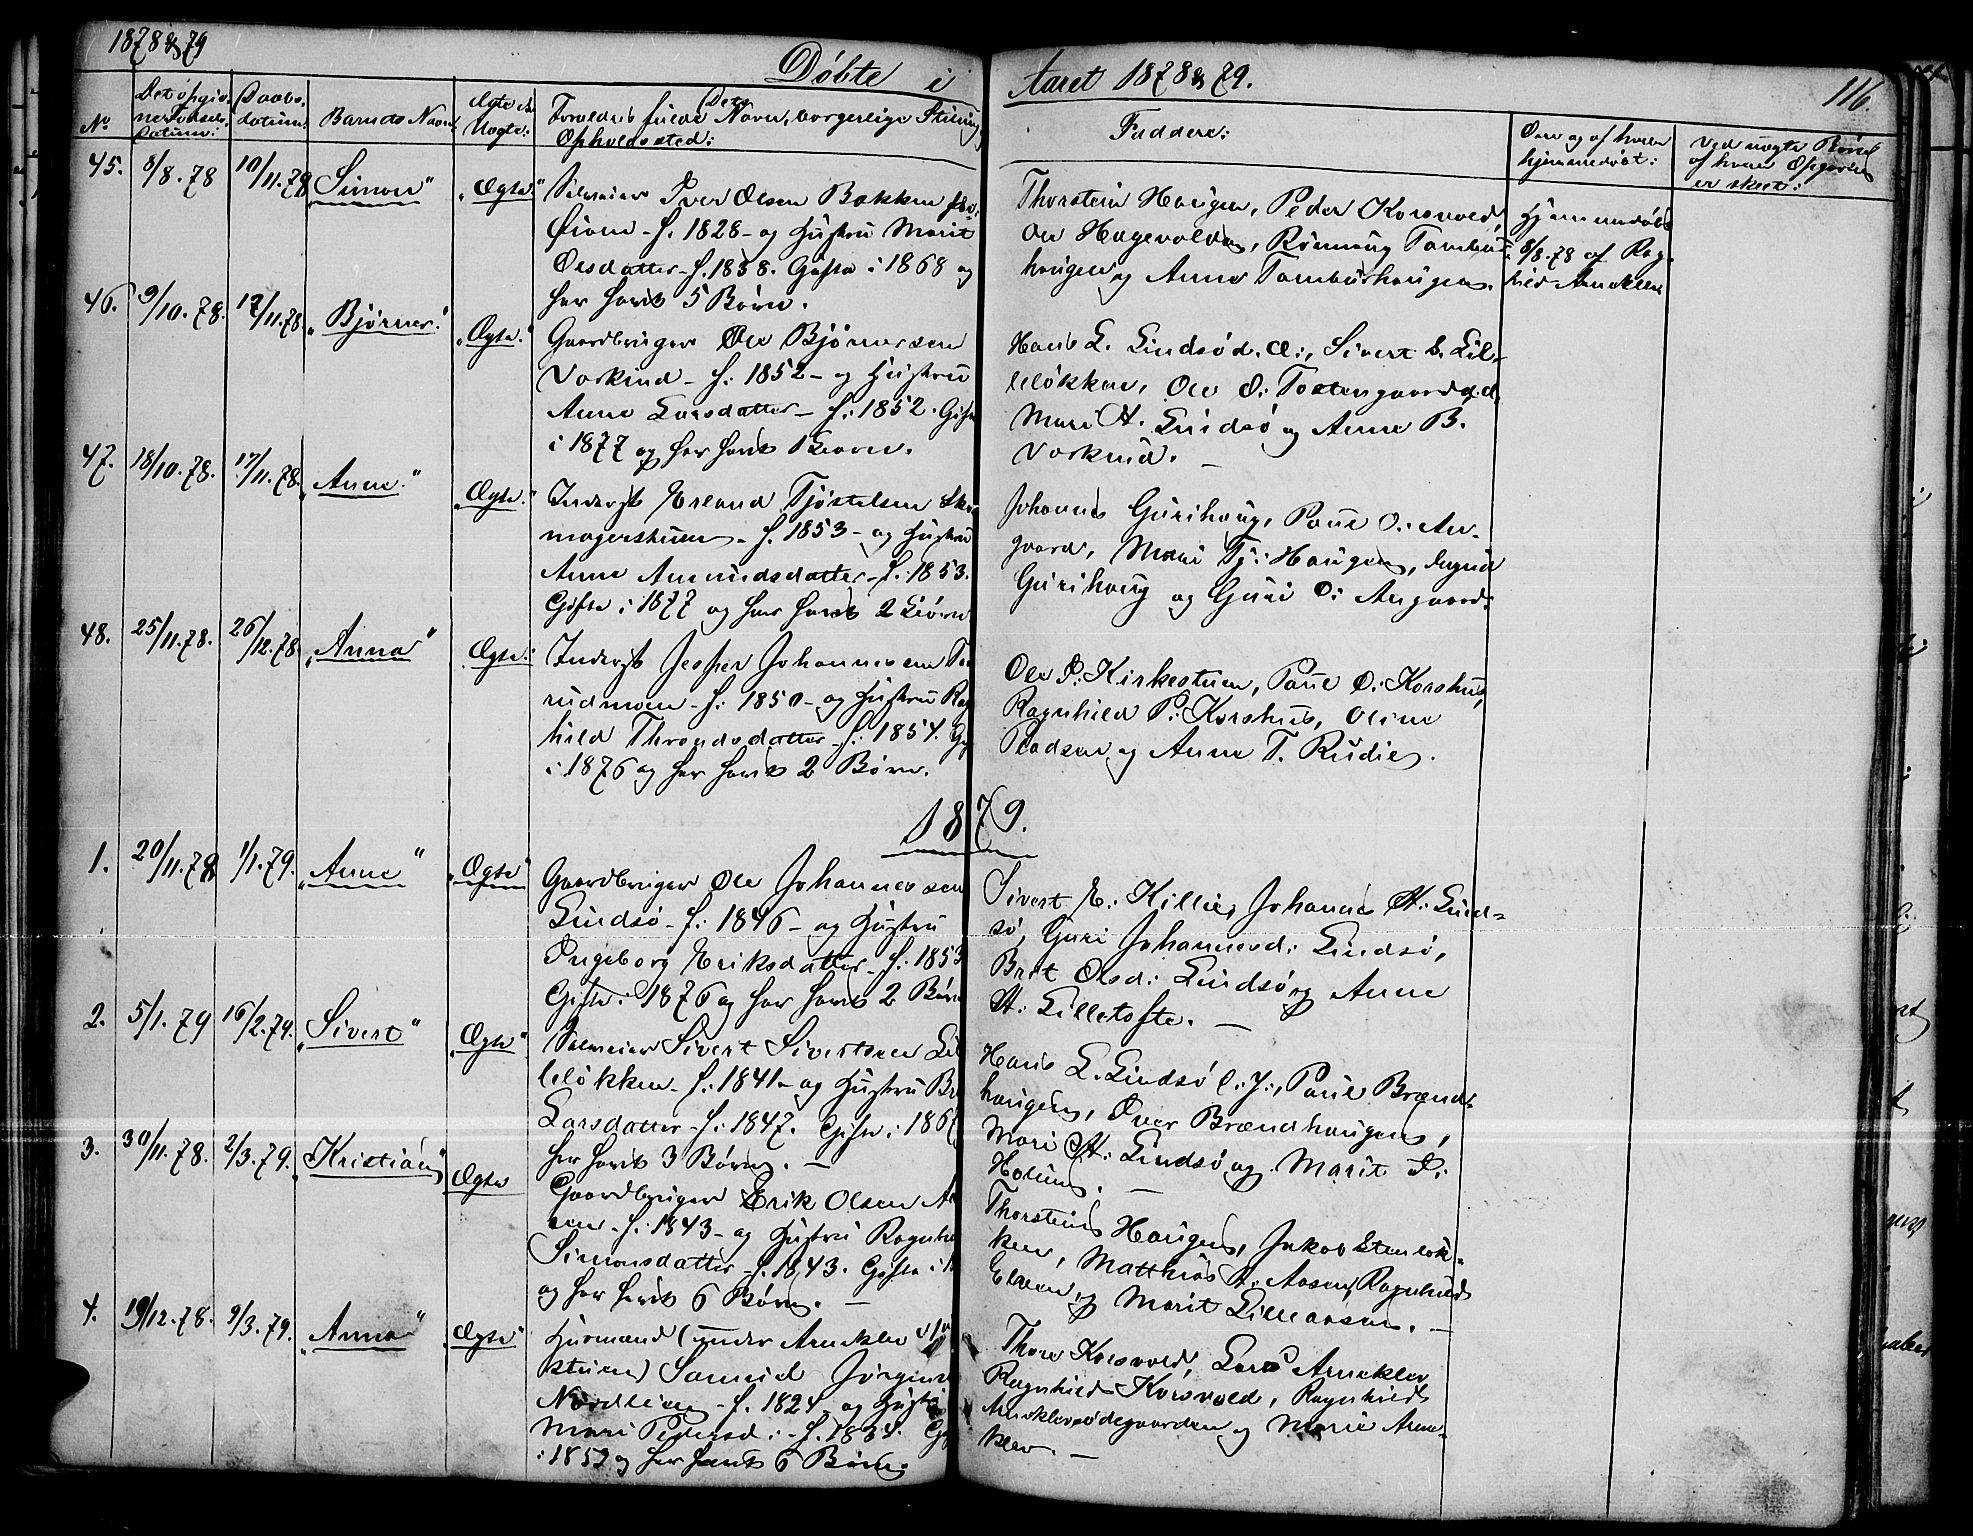 SAH, Dovre prestekontor, Klokkerbok nr. 1, 1862-1880, s. 116